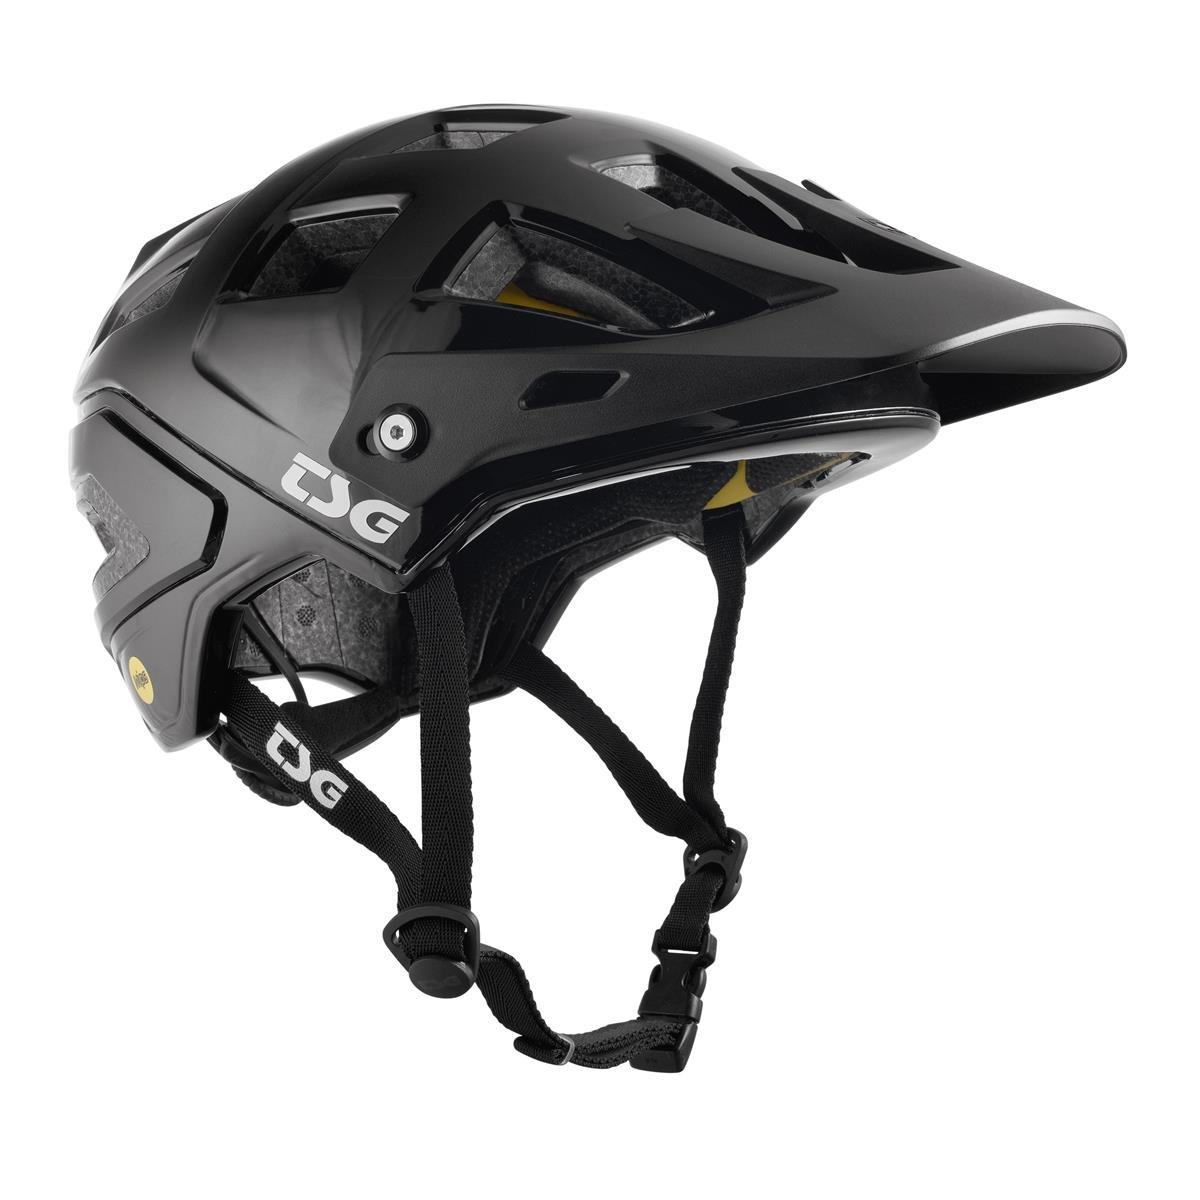 TSG Enduro Scope MIPS Solid - MTB-Helm in S/M // 10% auf alle Helme --> große Auswahl, viele Schnapper möglich!